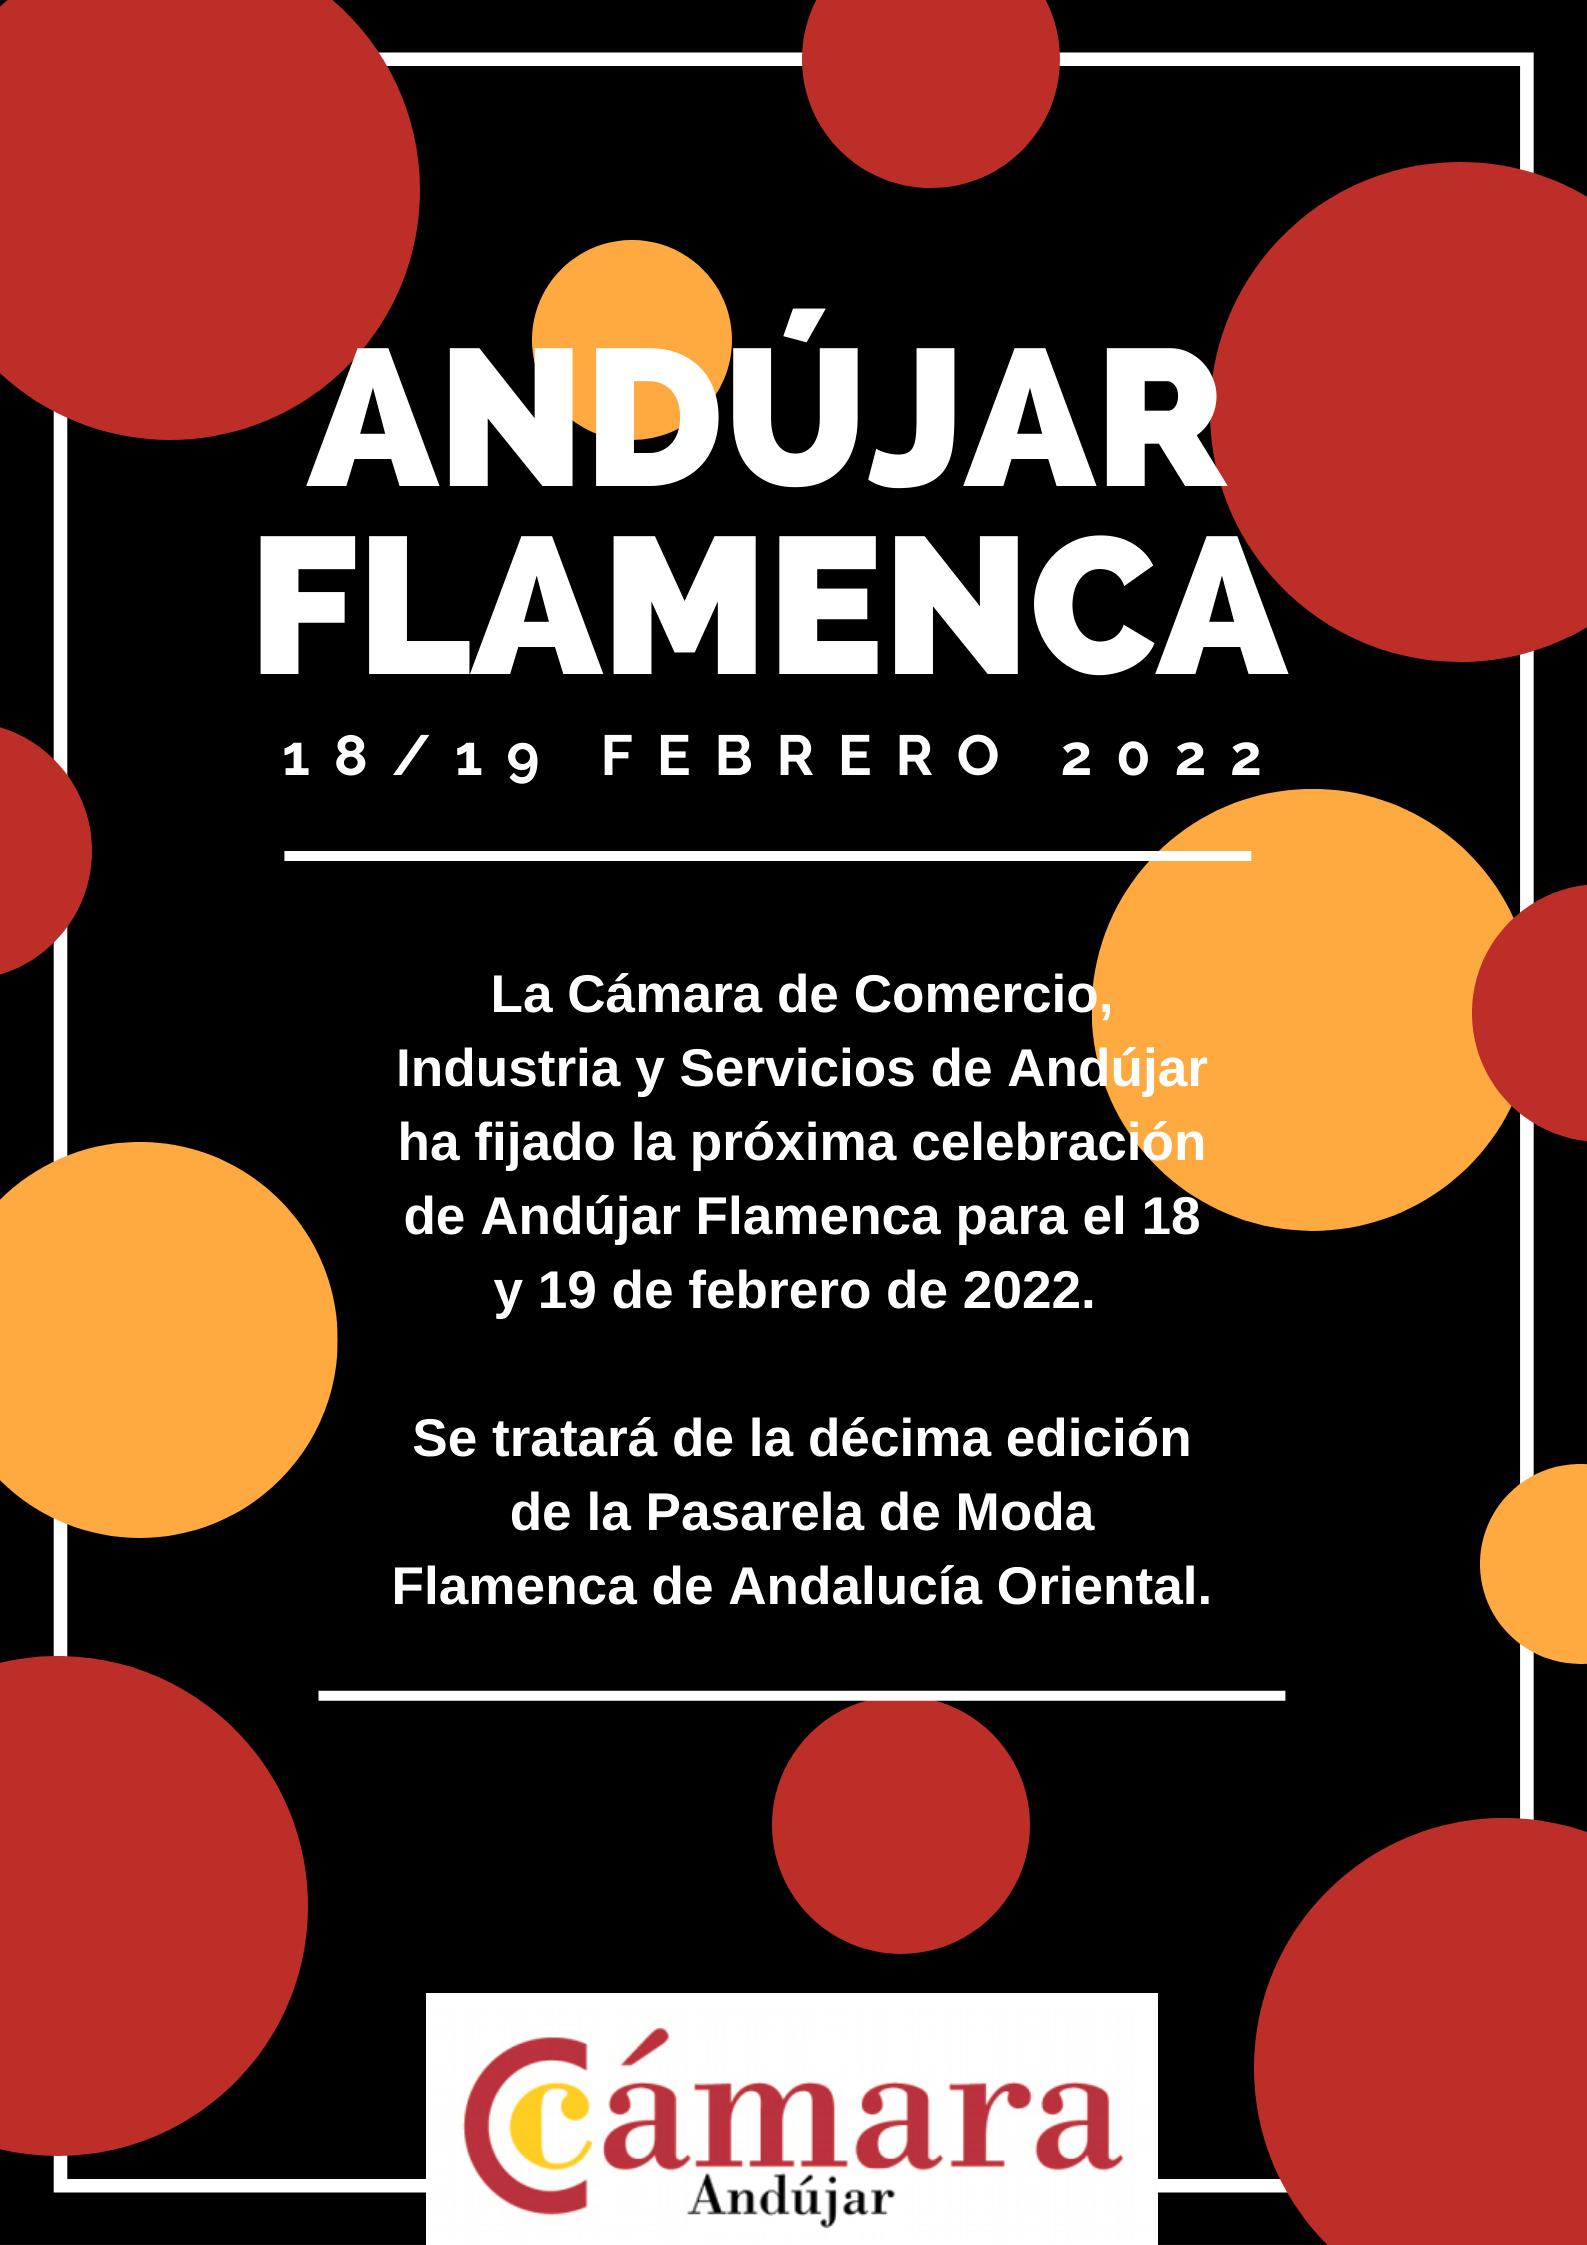 La décima edición de Andújar Flamenca se celebrará los días 18 y 19 de febrero de 2022